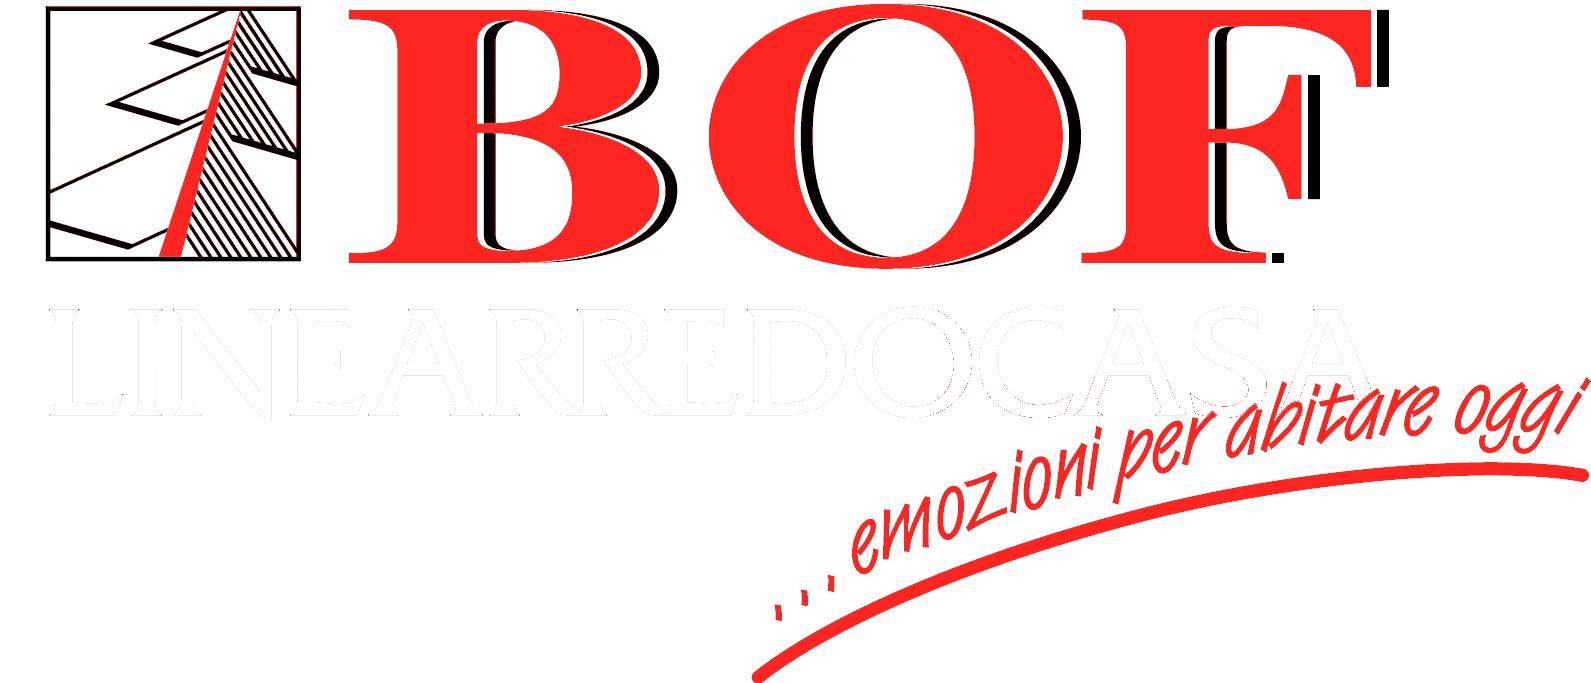 Bof-Linearredocasa-buono